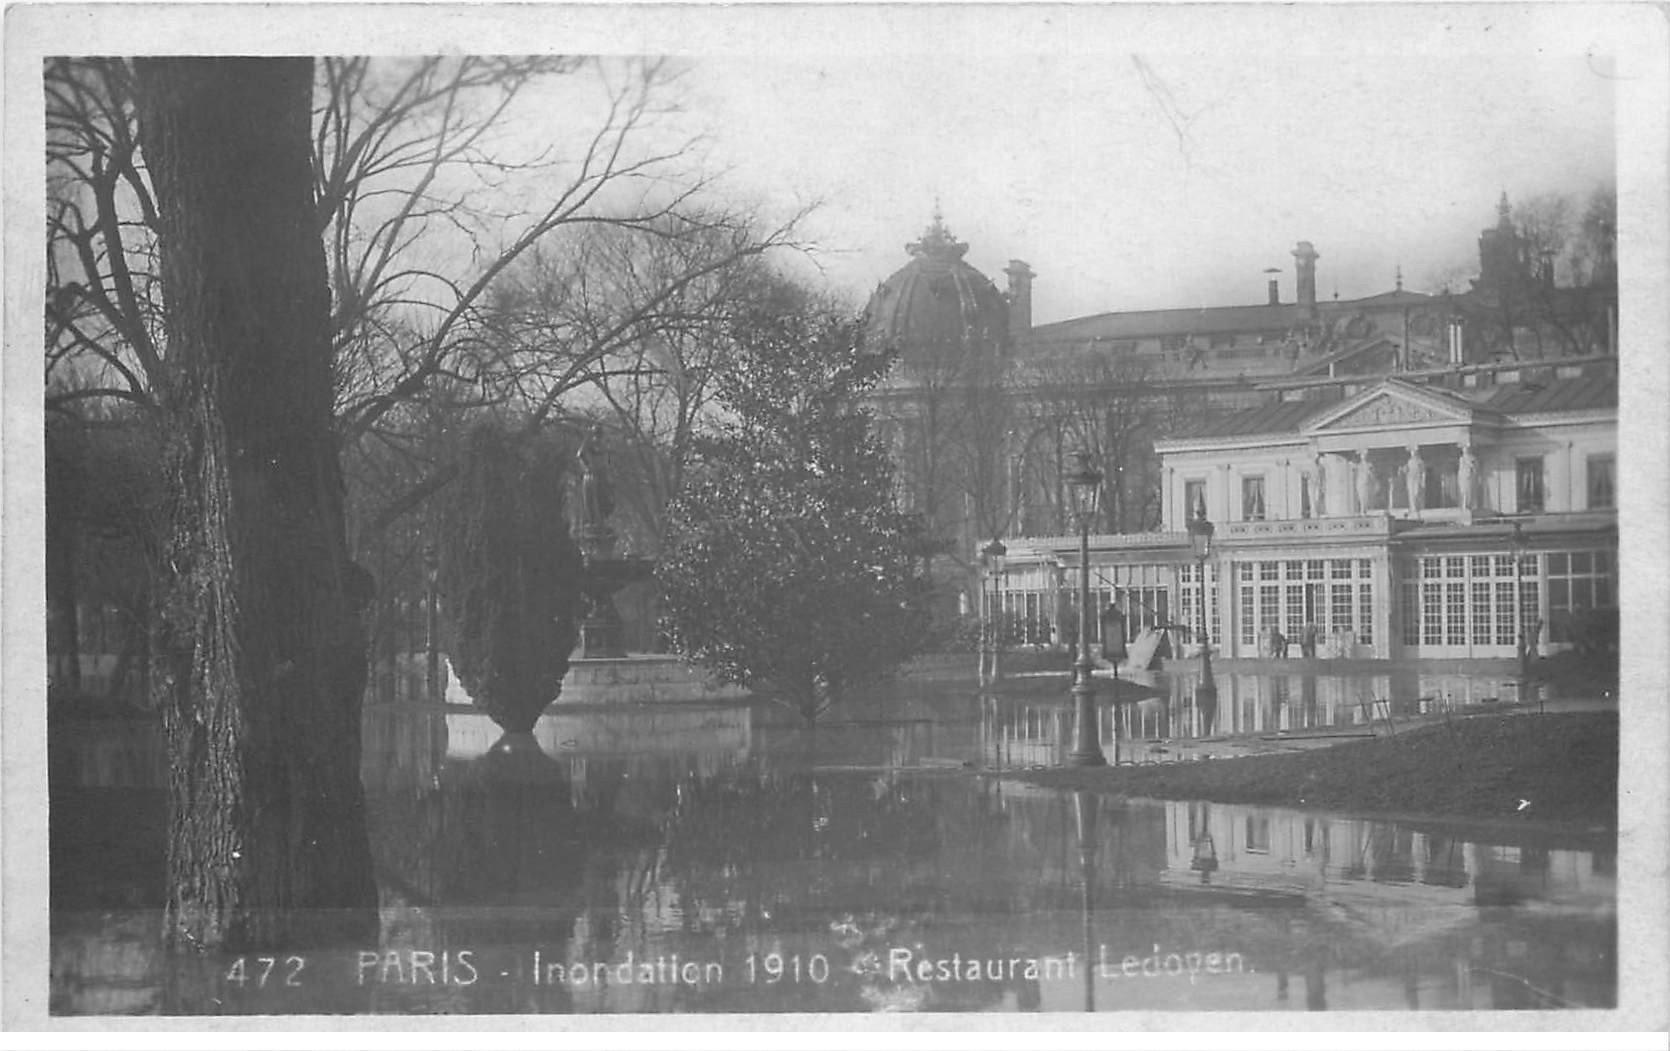 carte postale ancienne INONDATION ET CRUE PARIS 1910. Restaurant Ledoyen 472